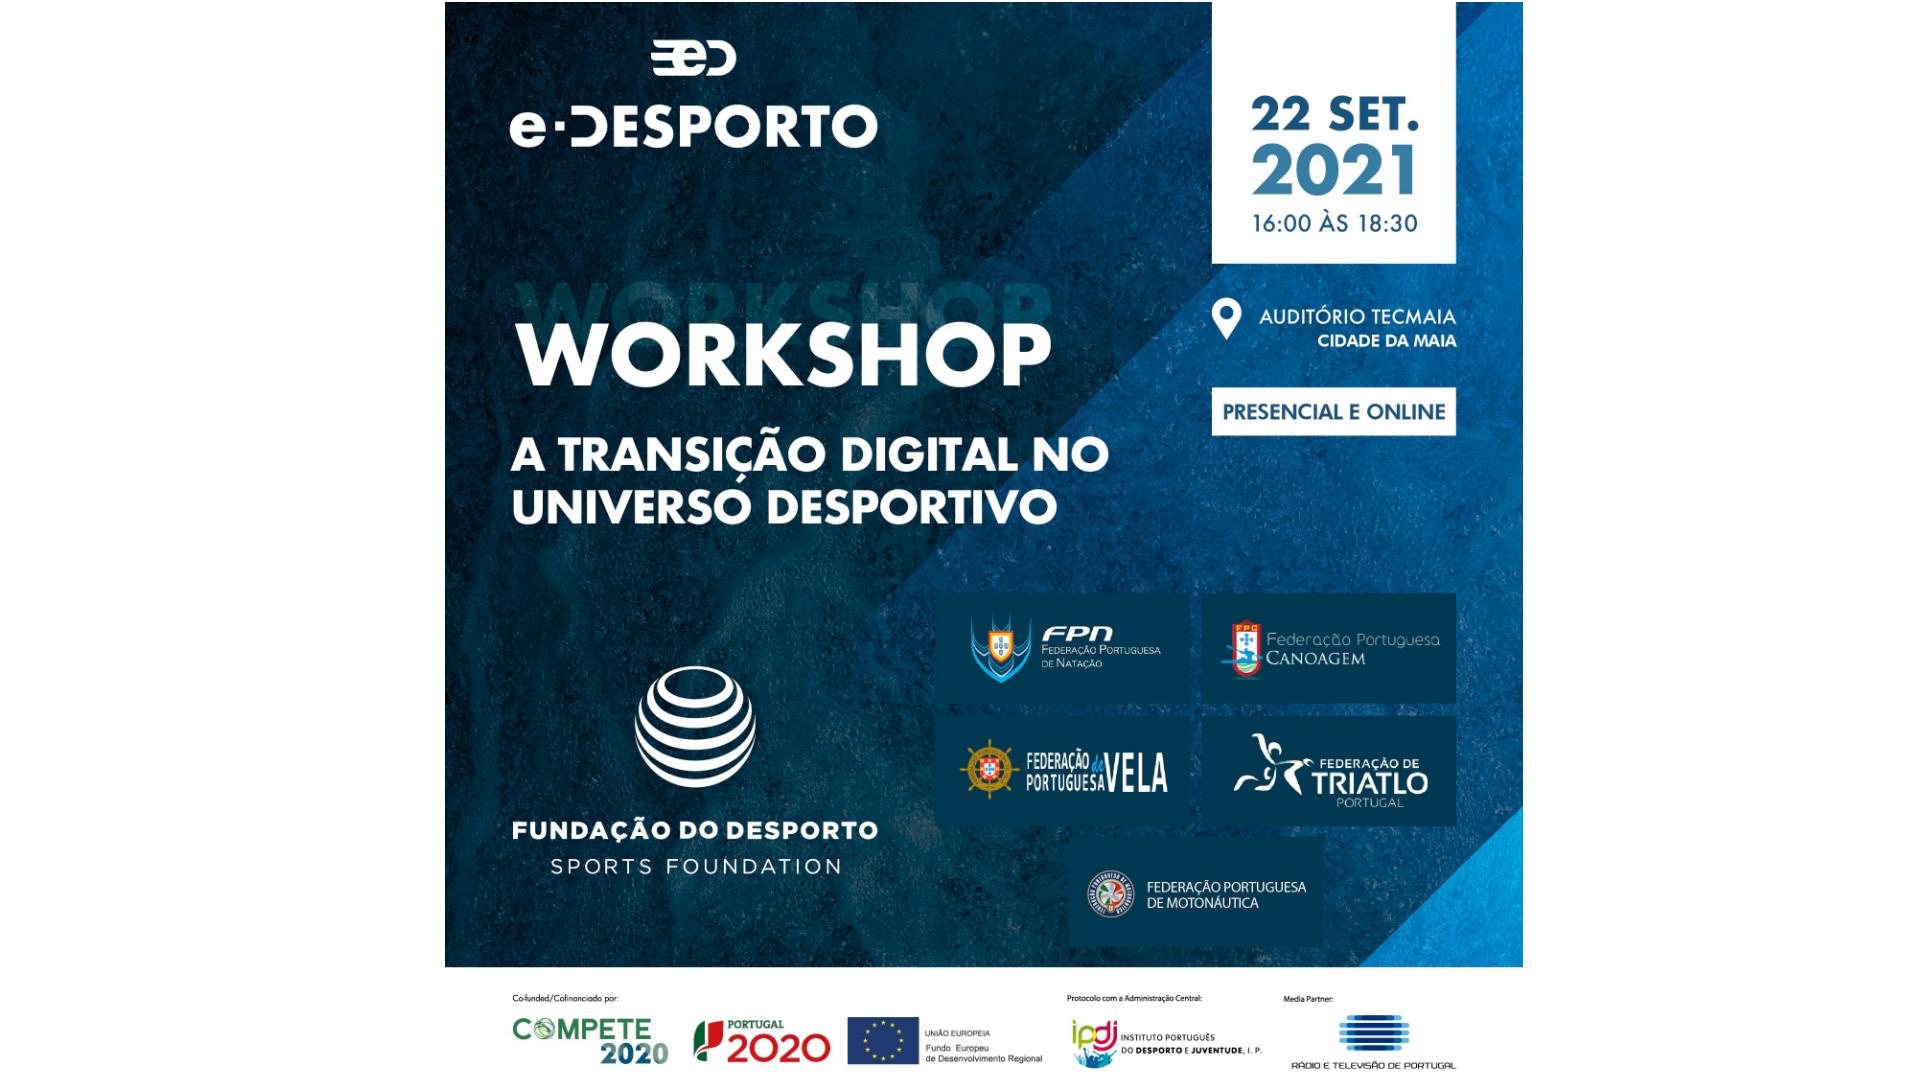 """Reserve já o seu lugar no Workshop """"A Transição Digital no Universo Desportivo""""!"""